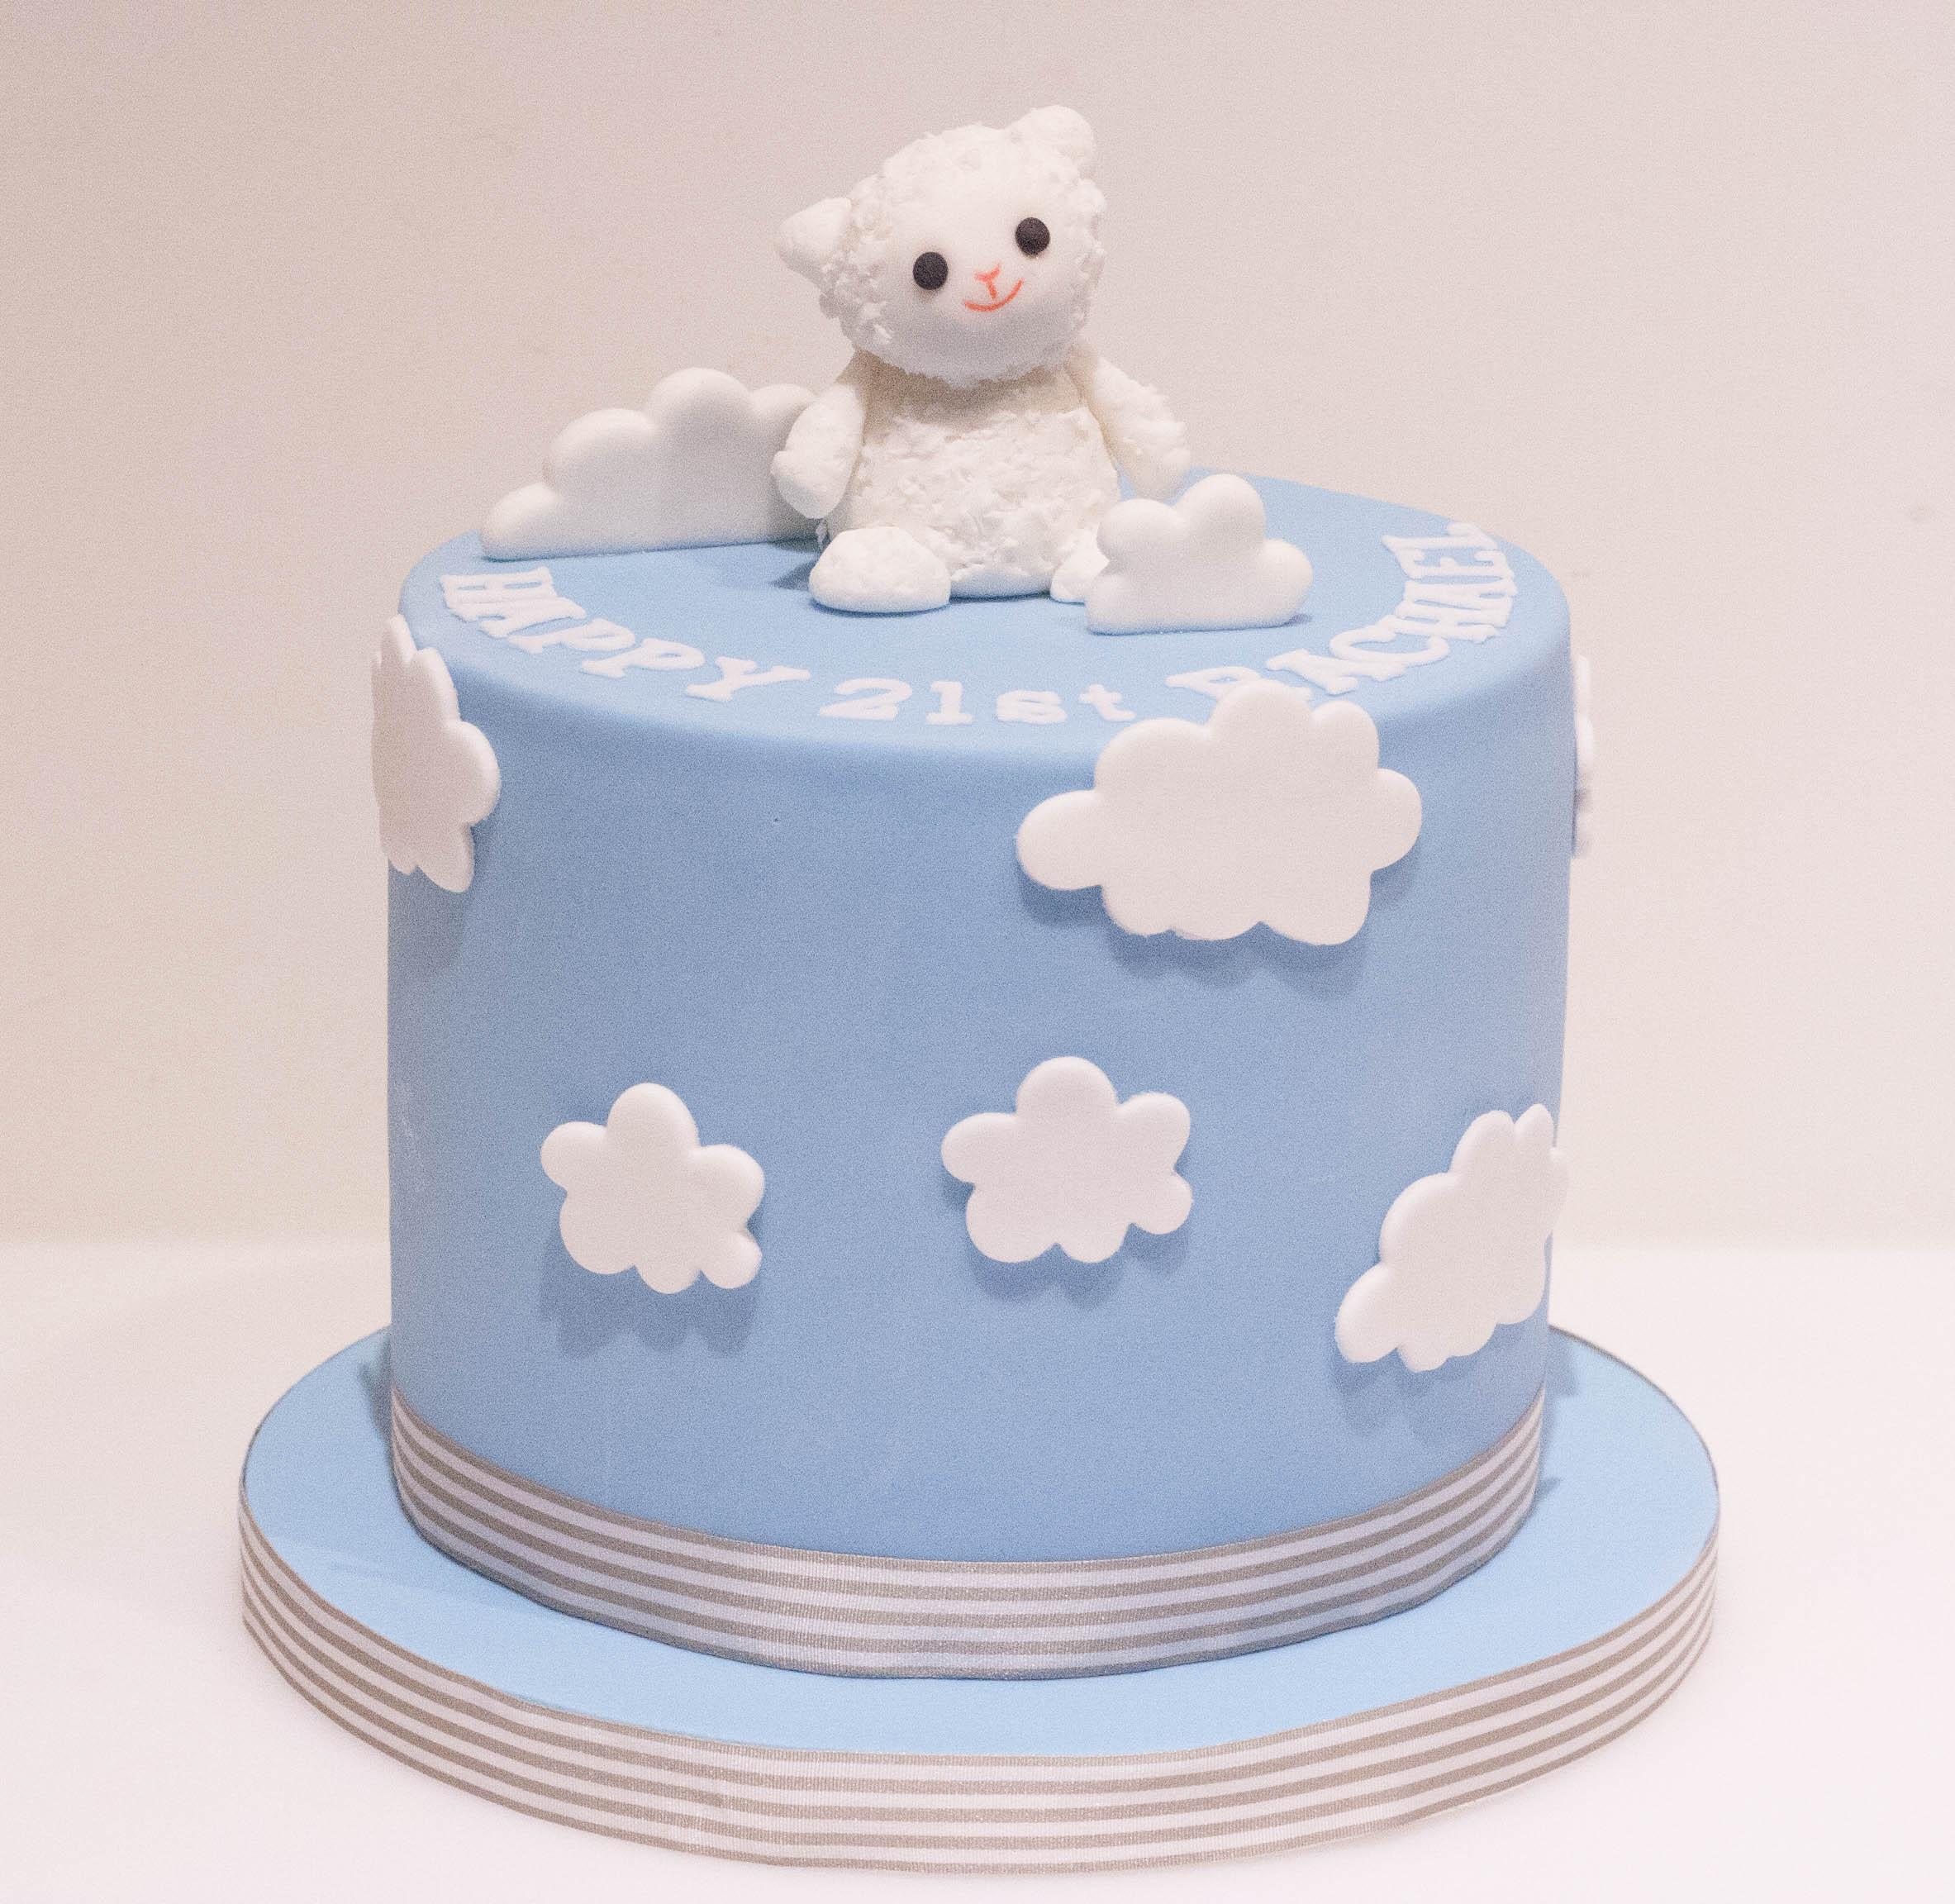 sheep toy vegan cake